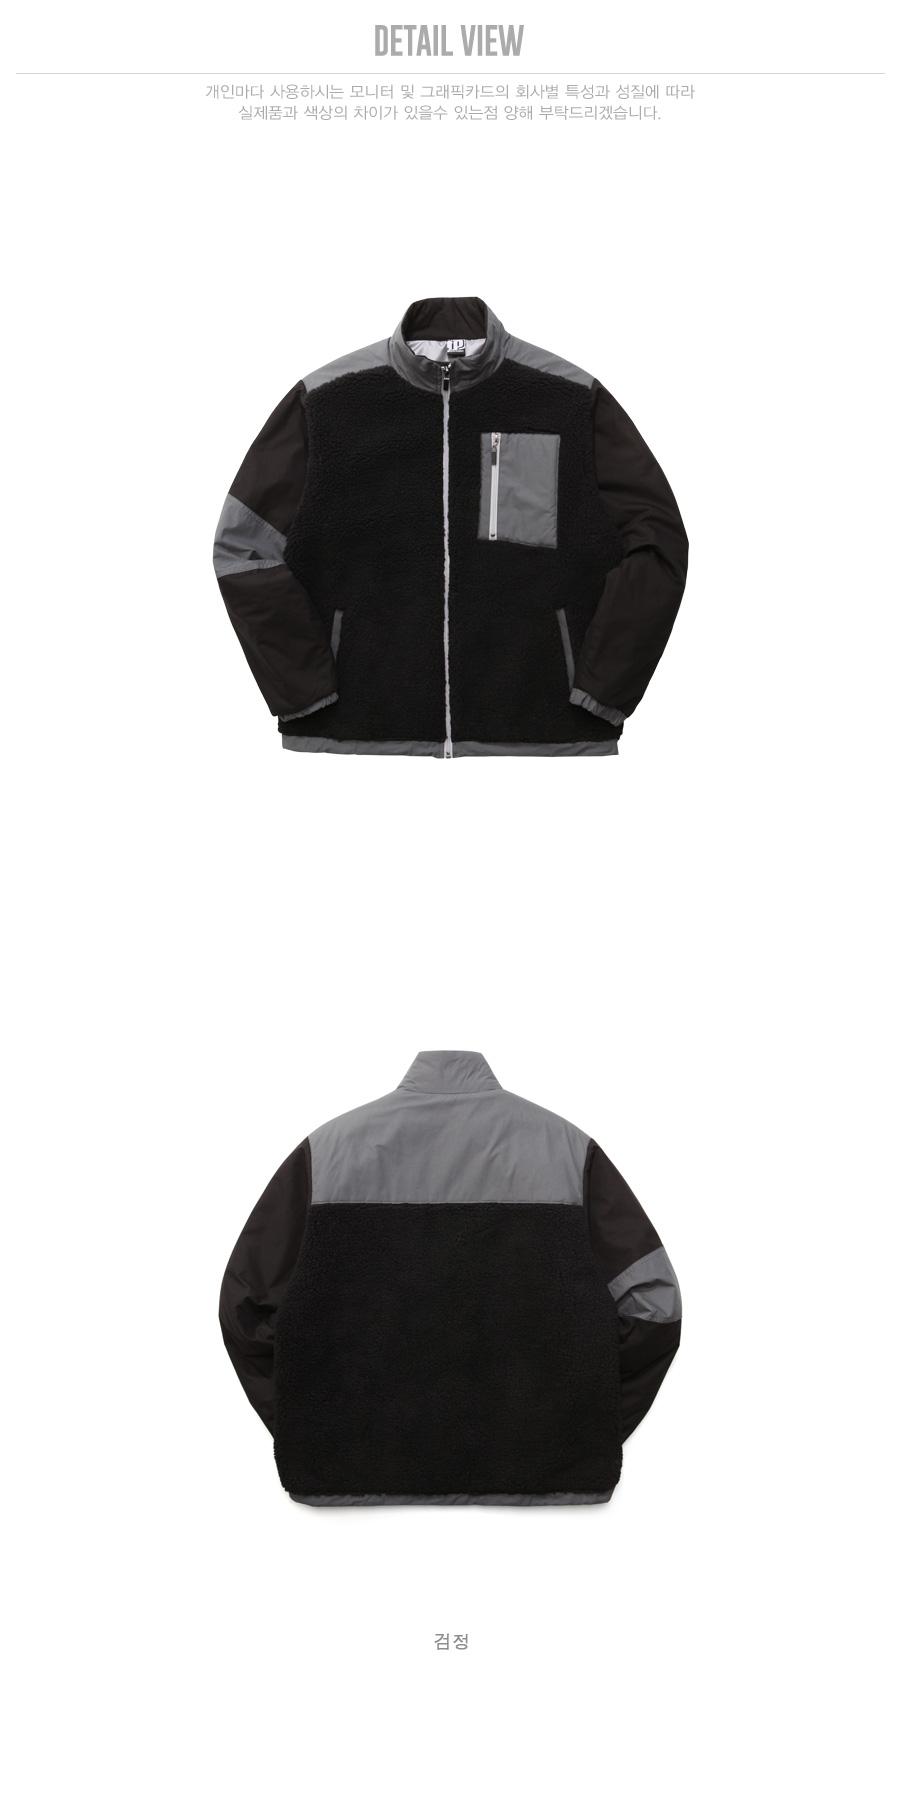 [페플] 메카닉 양털자켓 3종 JHOT1133